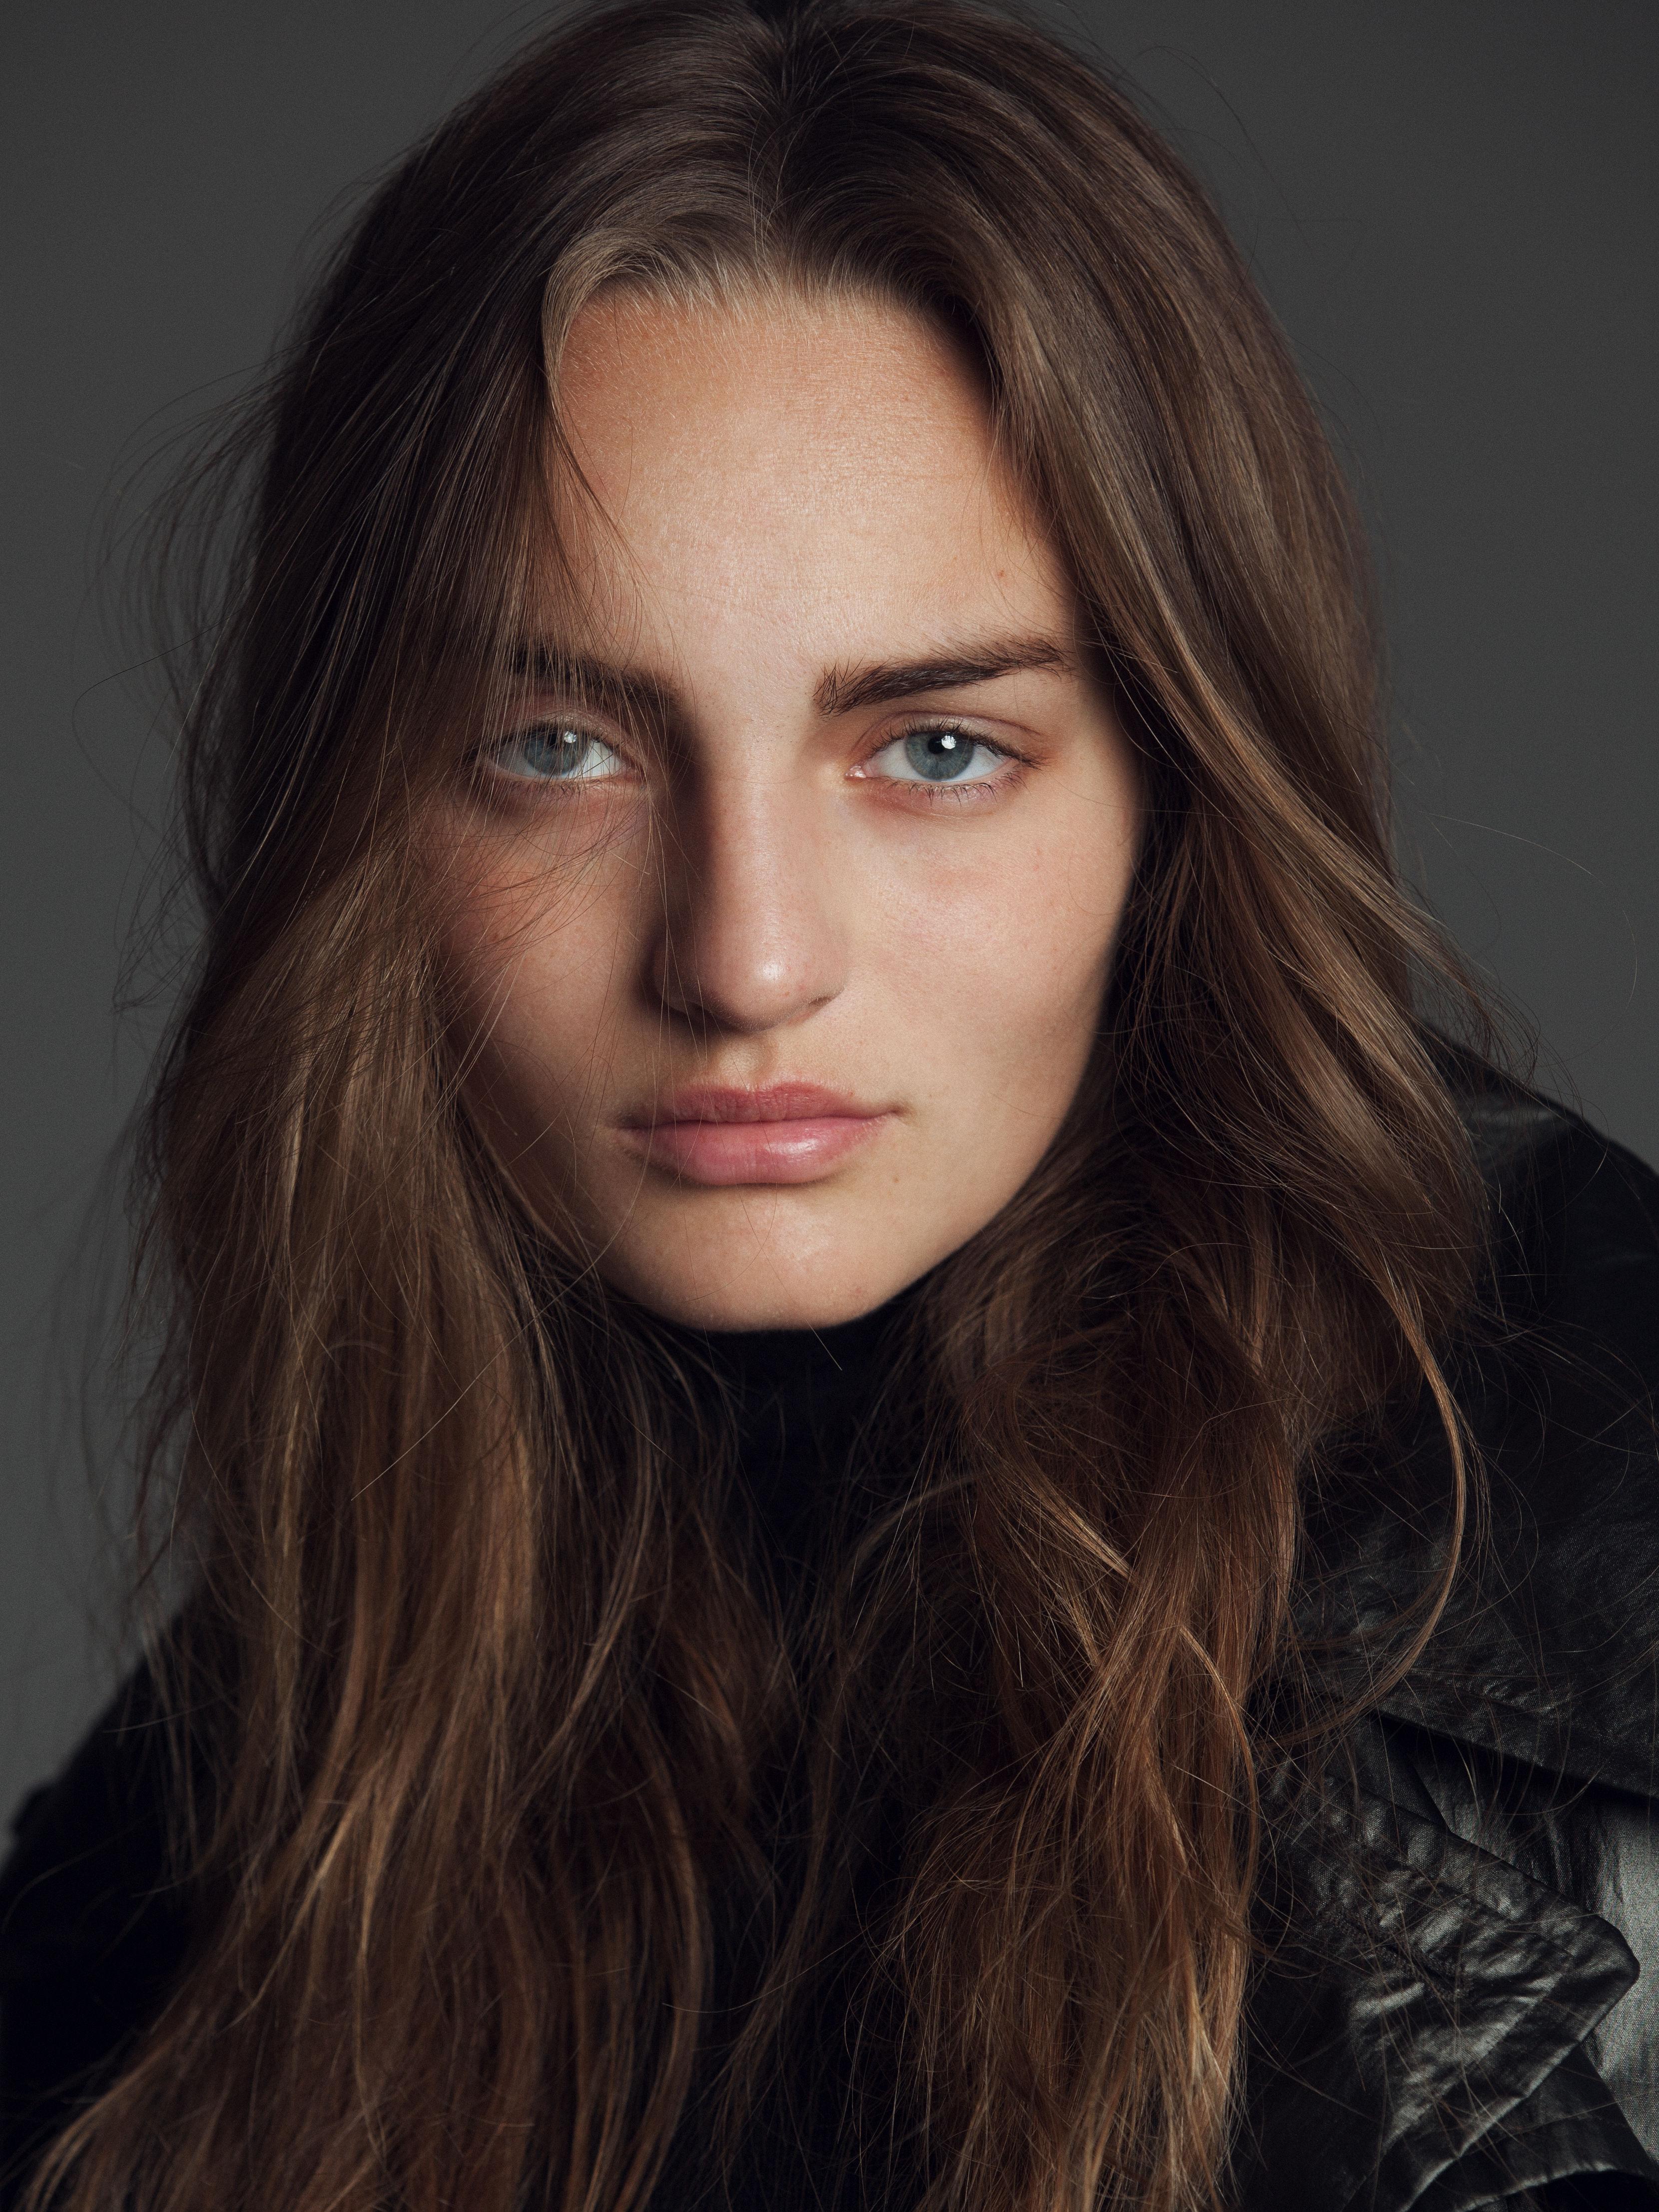 2019 Chloe Lloyd nude photos 2019